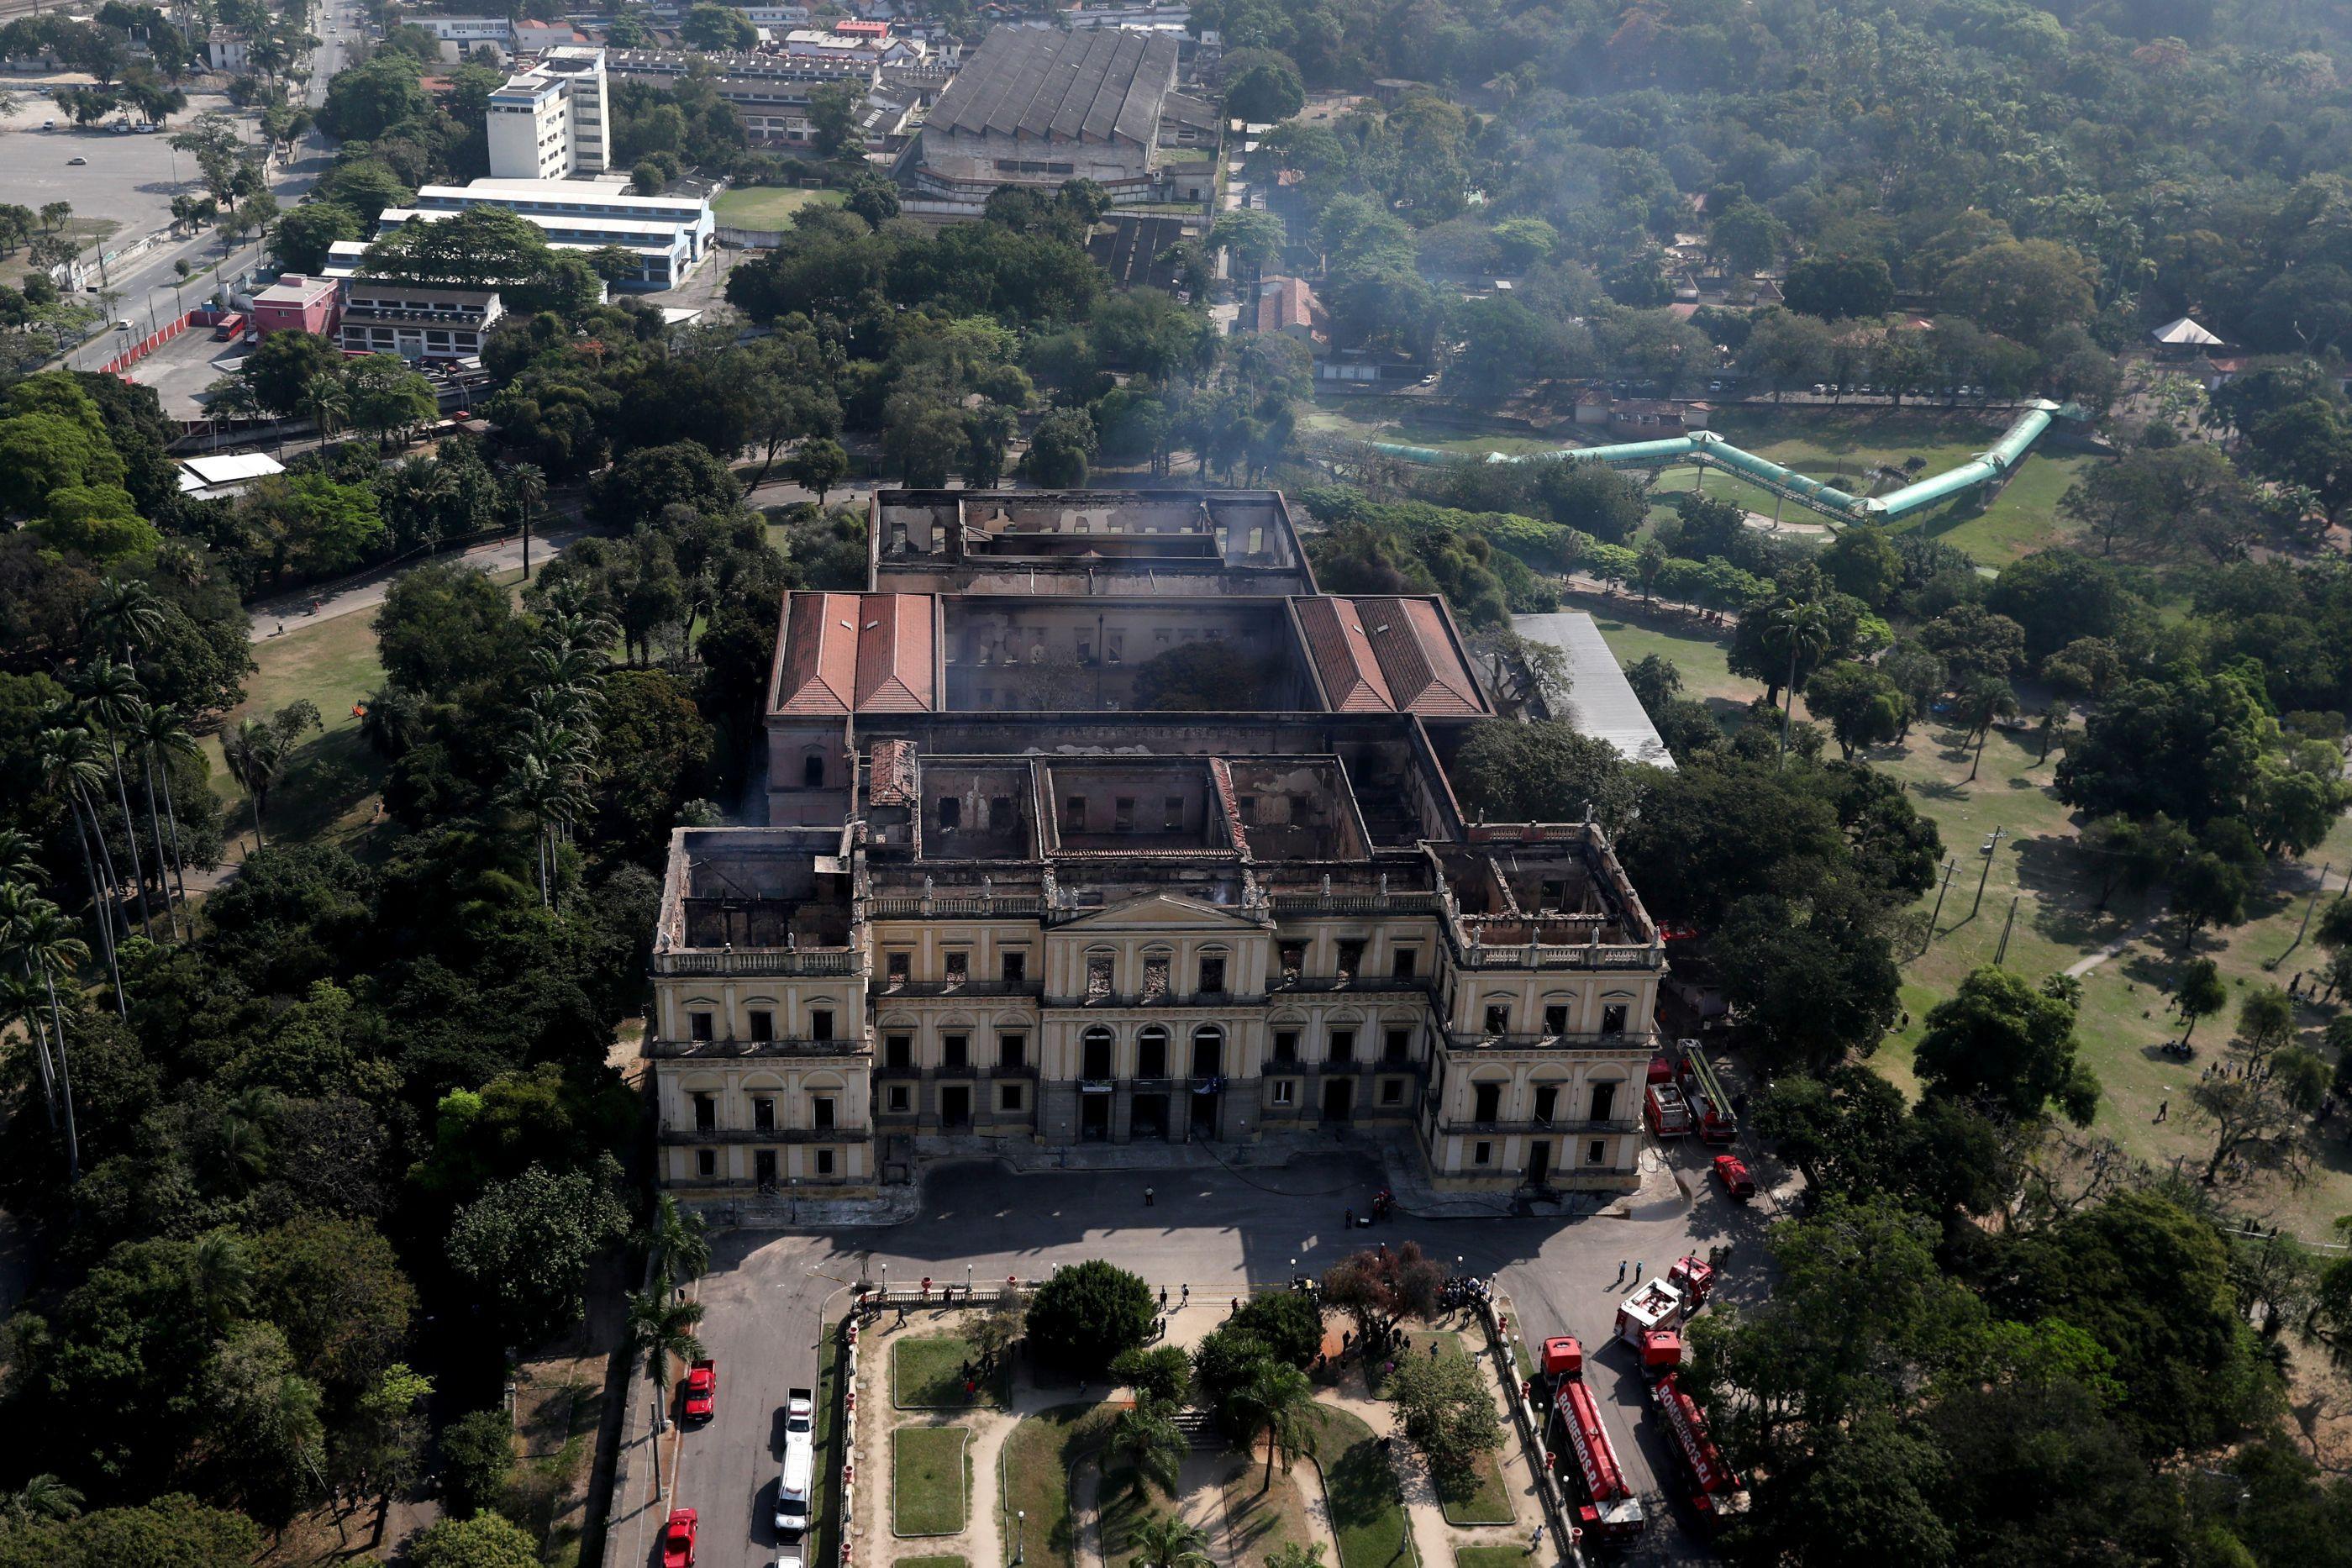 Museu Nacional: Wikipedia procura imagens de objetos perdidos